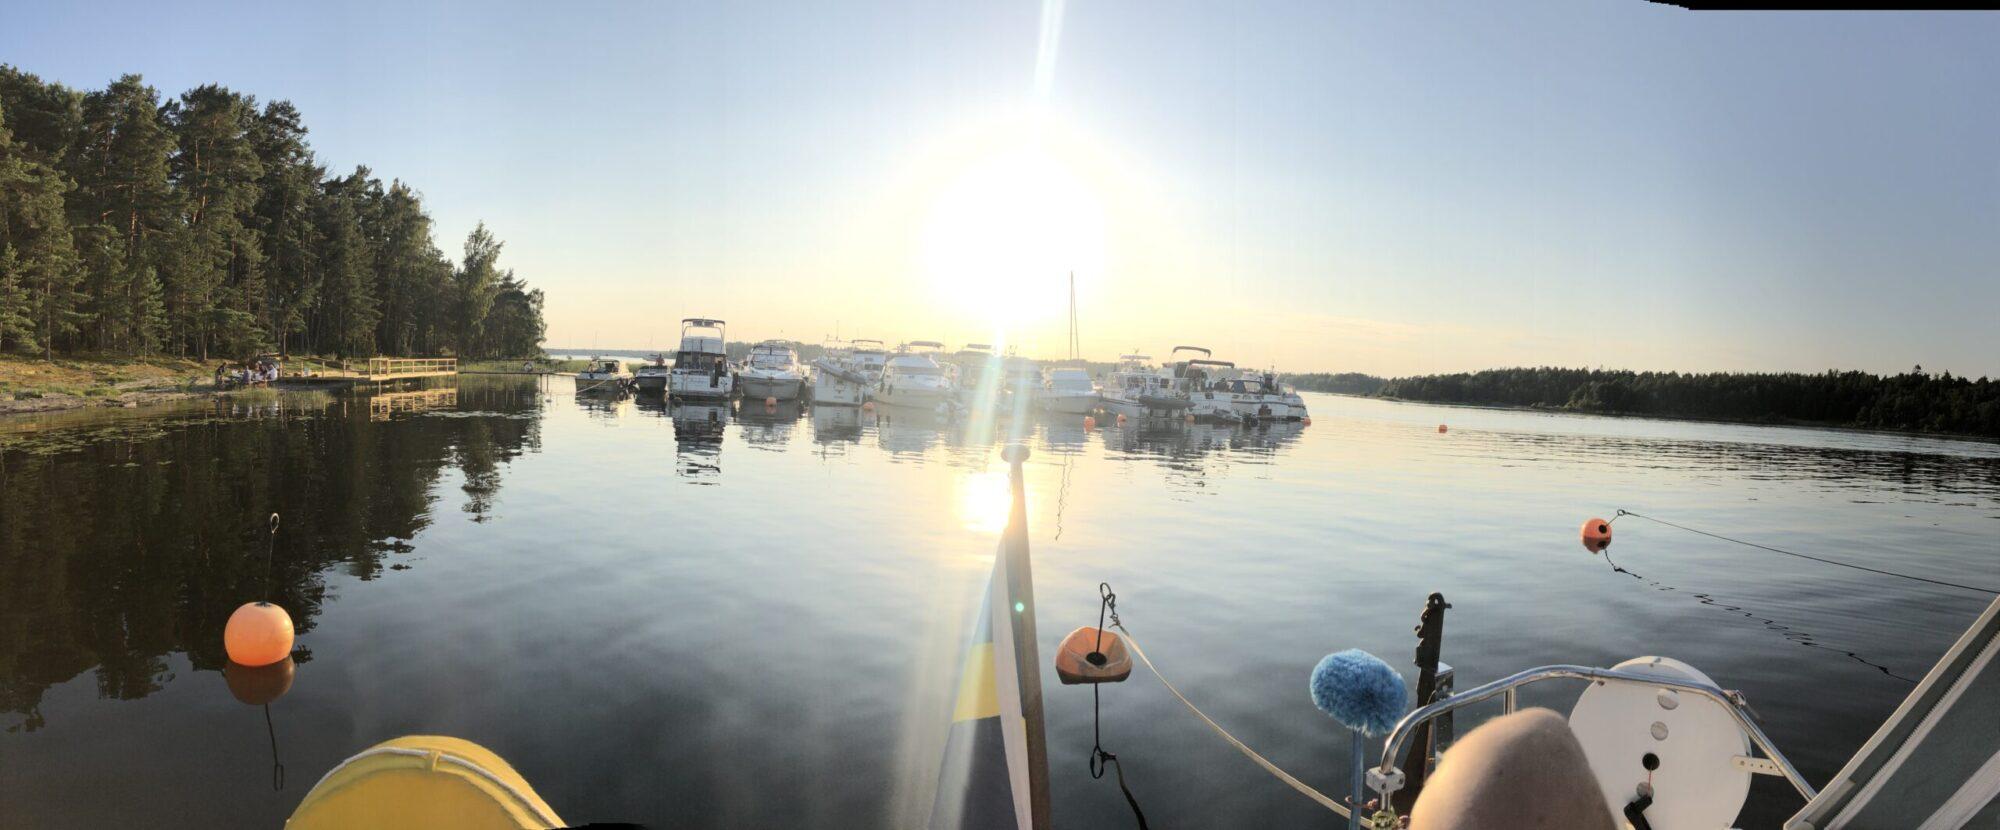 Karlstad båtklubb